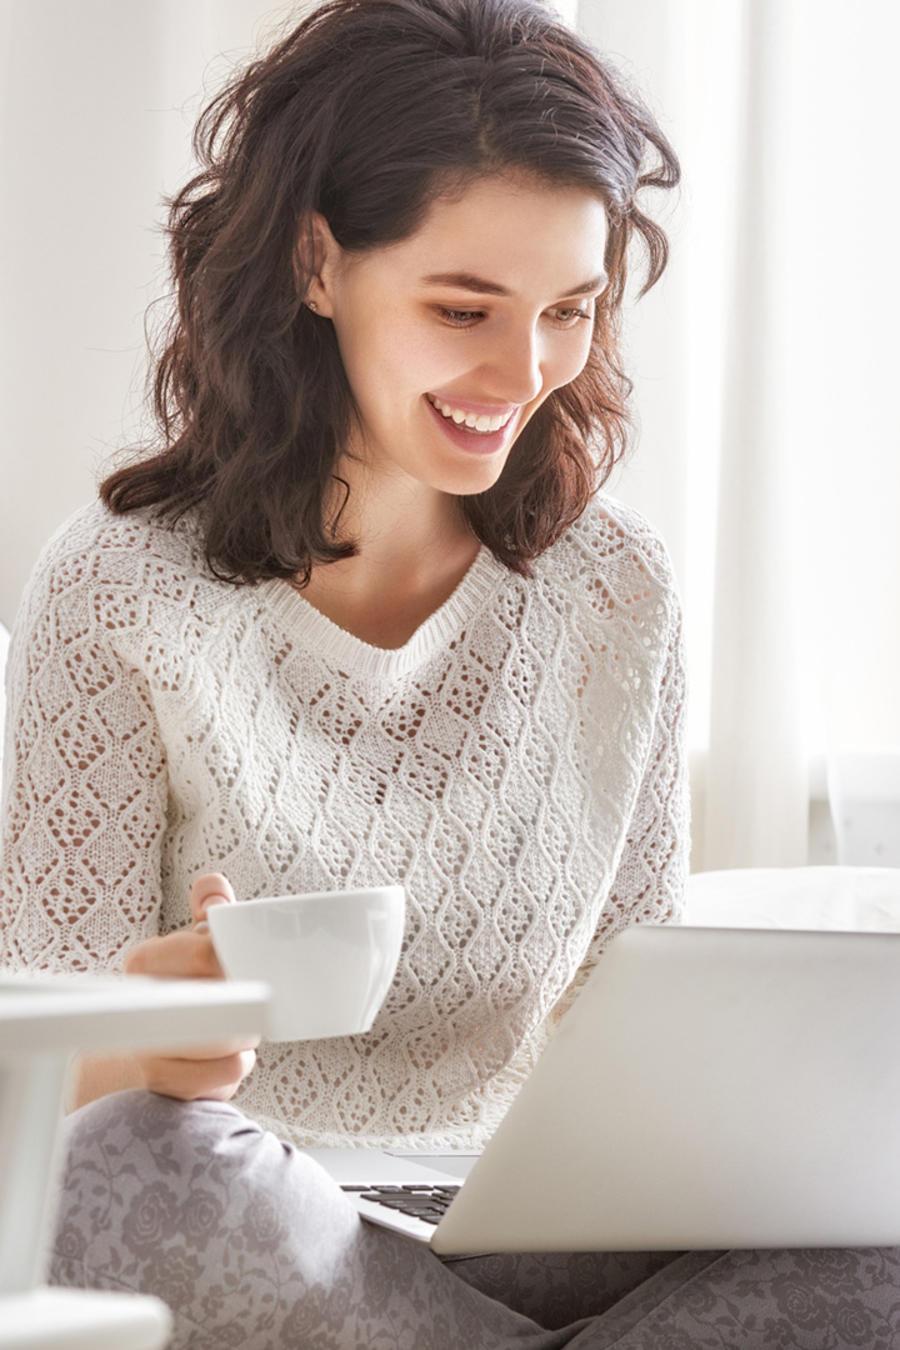 Mujer contenta usando una laptop en la cama